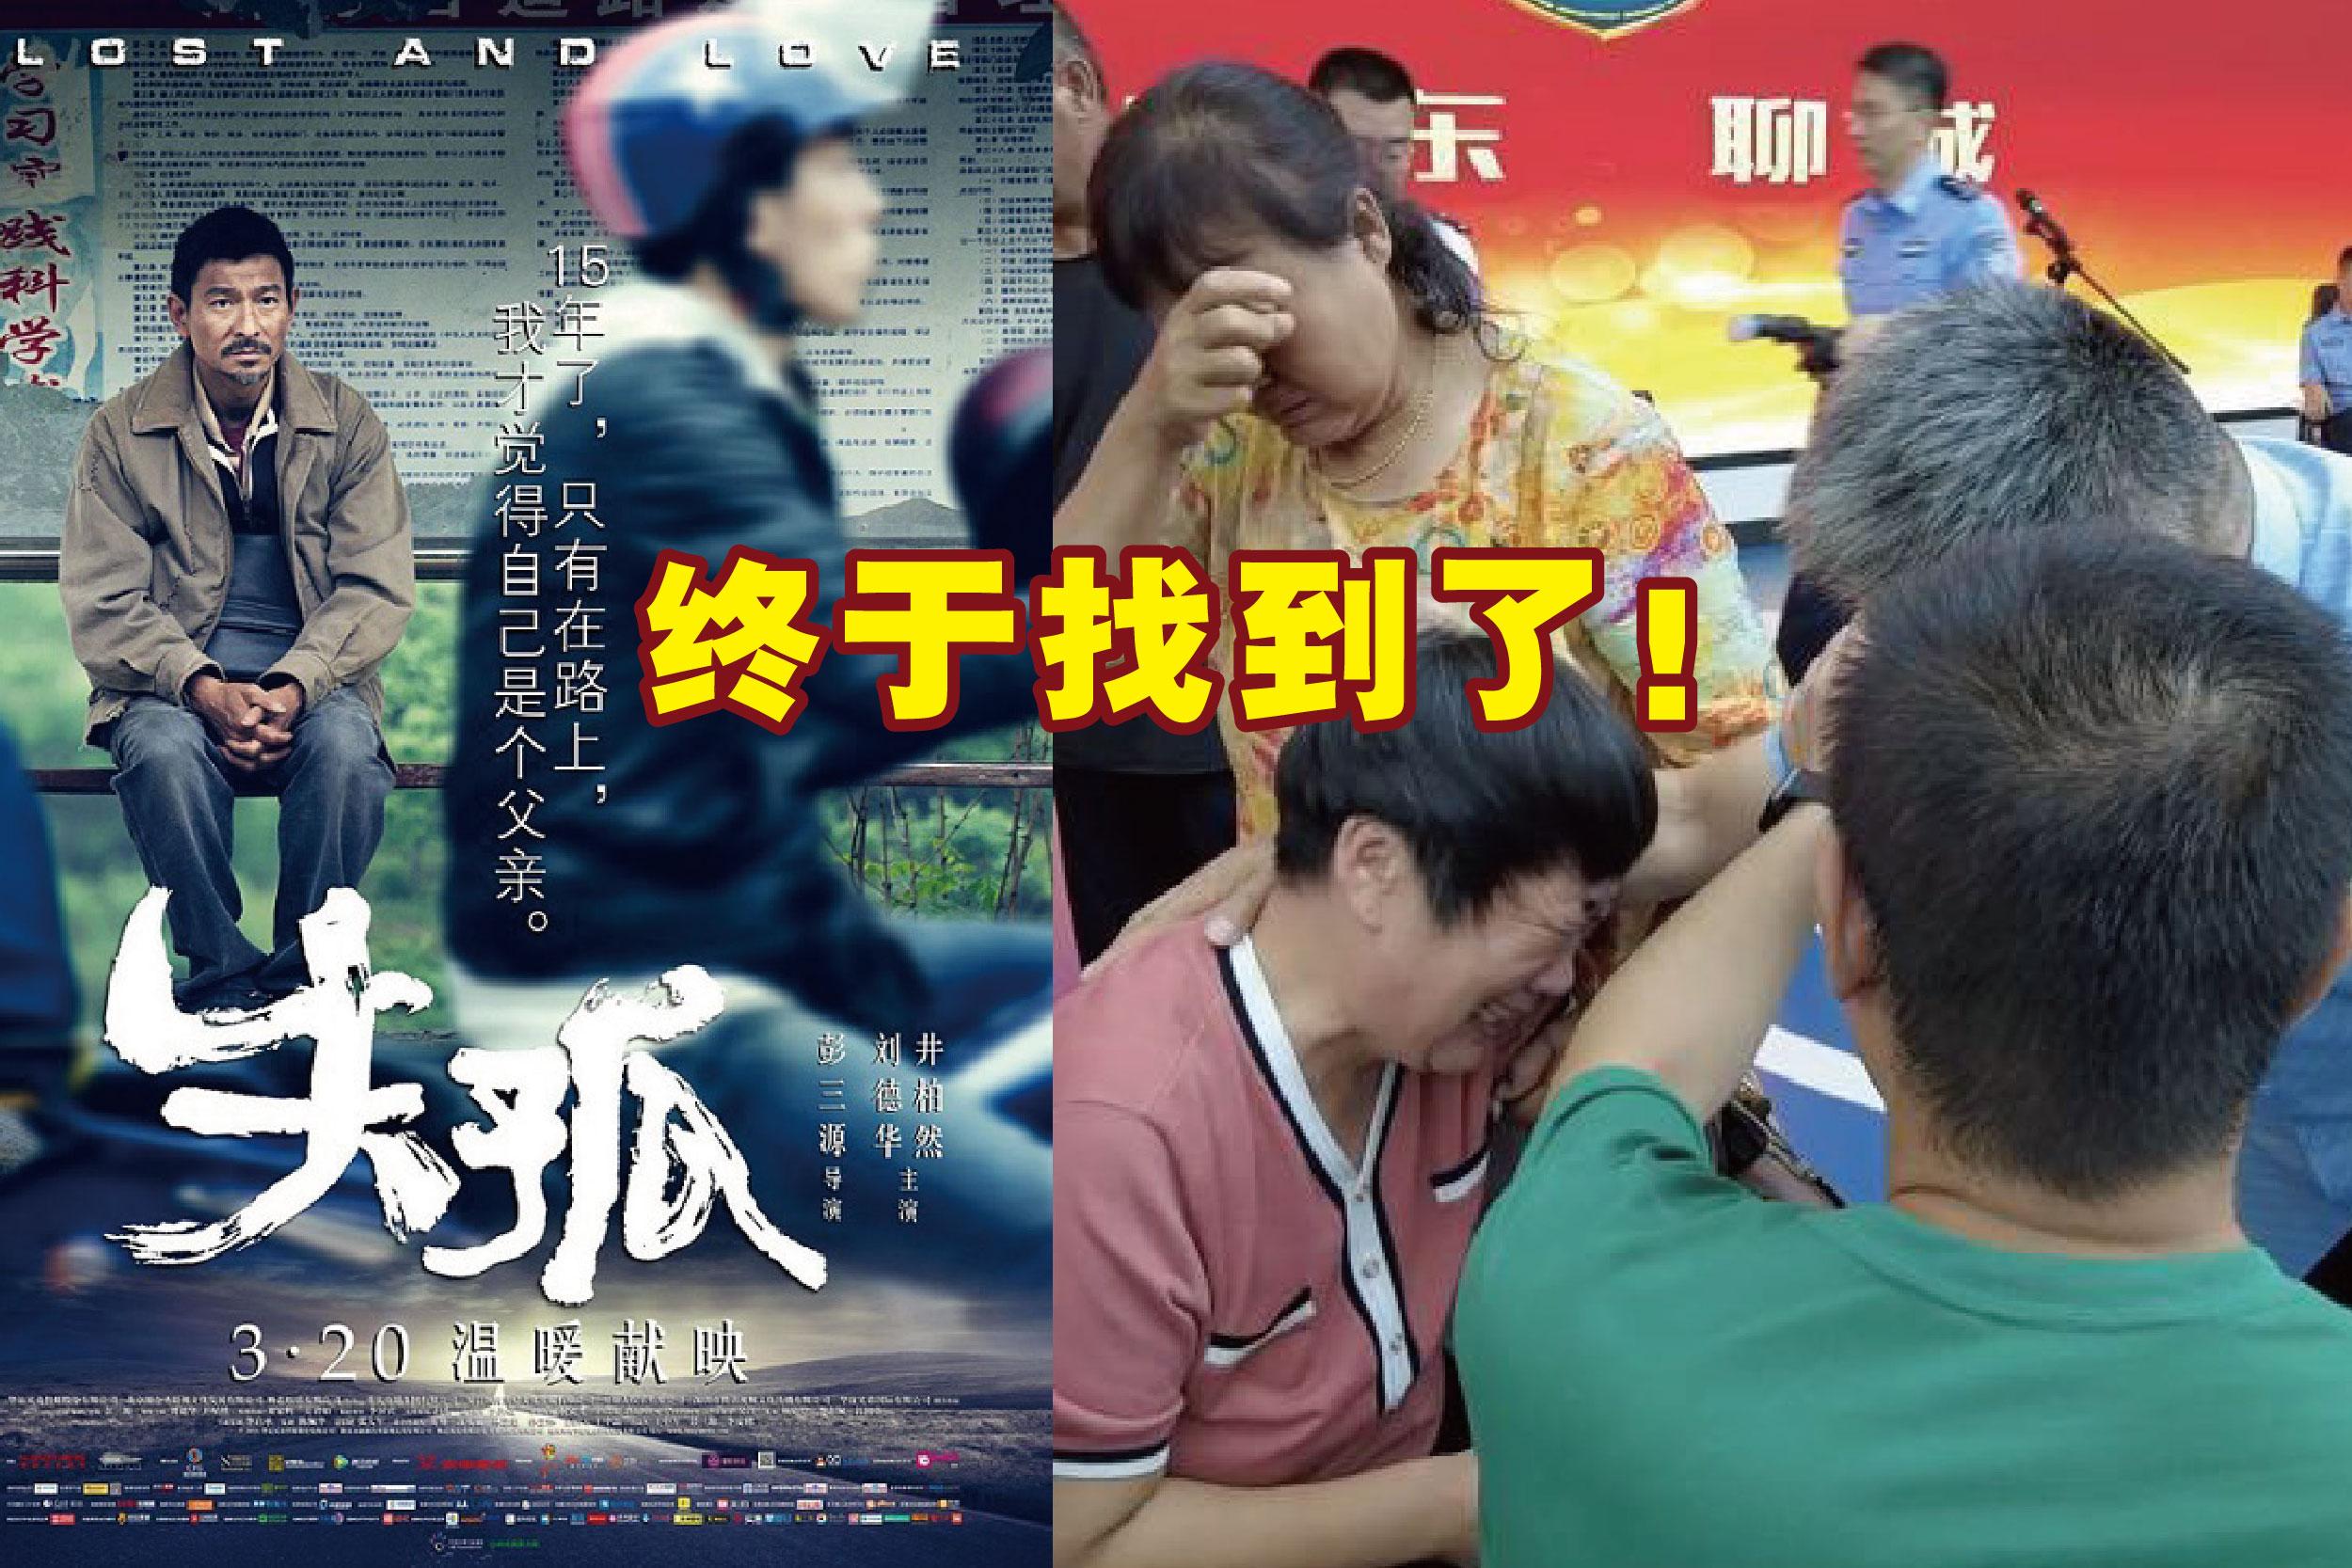 由于这起案件的关注度空前高涨,中国公安部于7月13日上午特别召开新闻发布会,报告了电影《失孤》原型拐卖案件的侦破情况。-精彩大马制图-